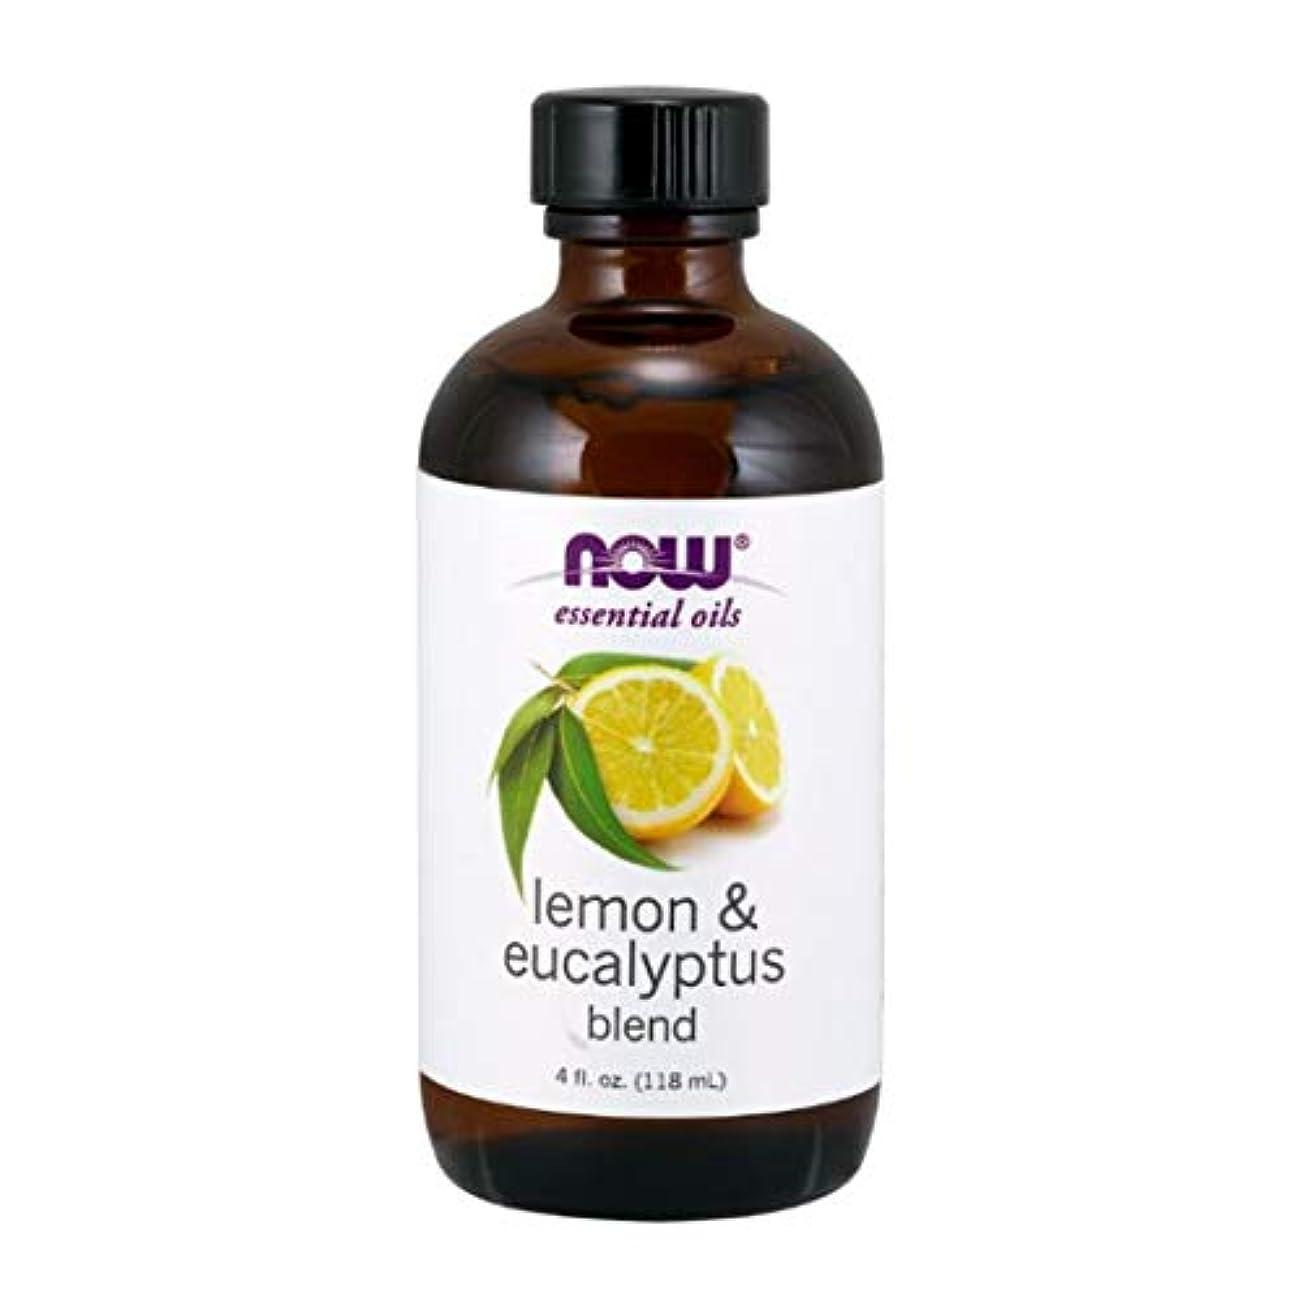 ハリケーンペデスタル書き出すNow - Lemon & Eucalyptus Blend With Lemongrass 4 oz (118 ml) [並行輸入品]